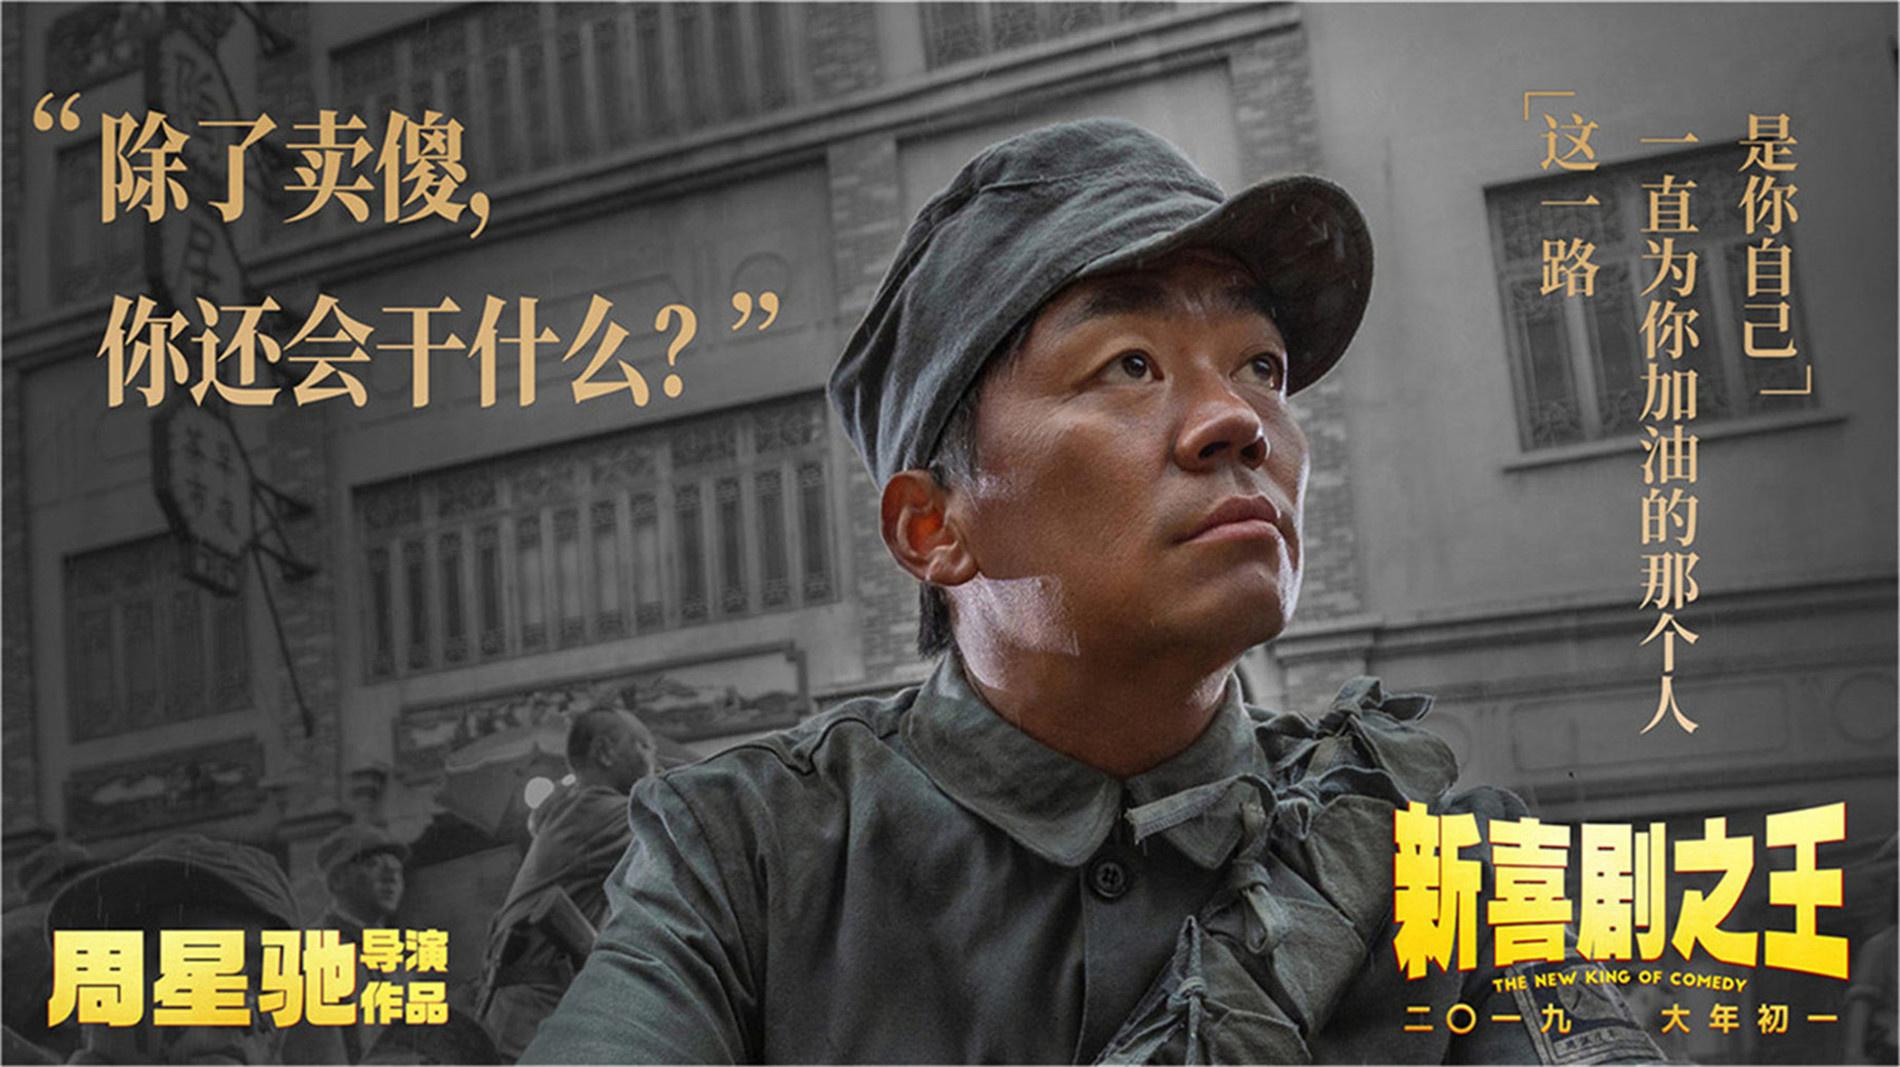 周星驰王宝强自嘲海报是怎么回事?海报回应星